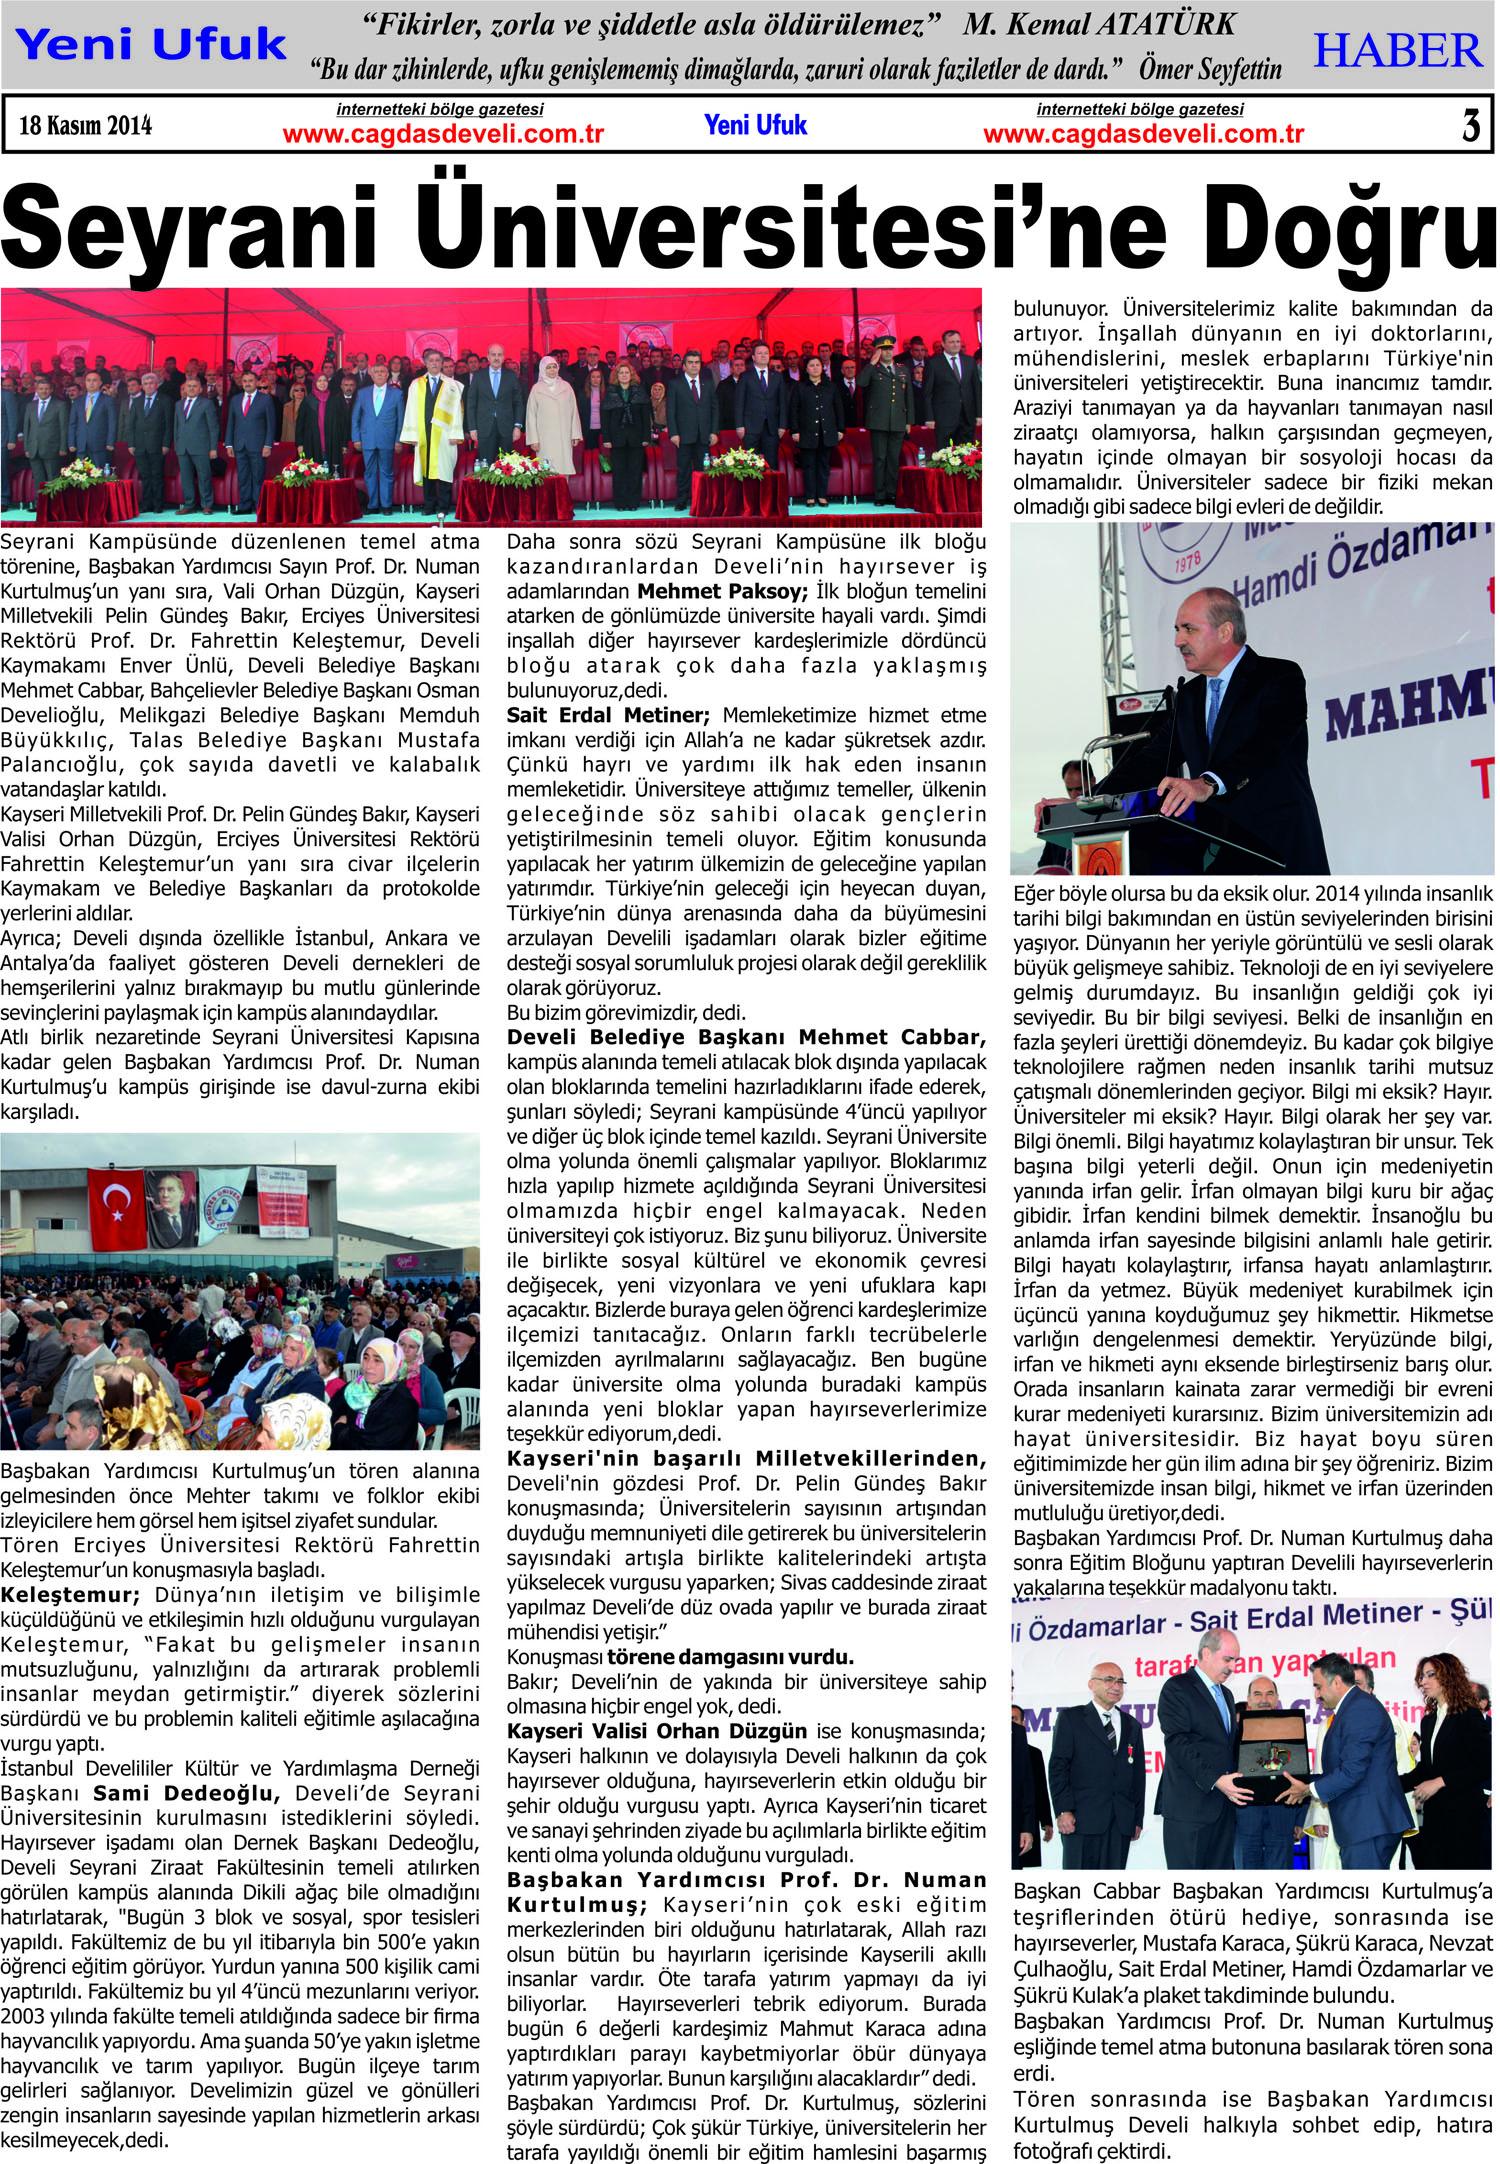 Yeni Ufuk Bölge Gazetesi 18 Kasım 2014 3. sayfa